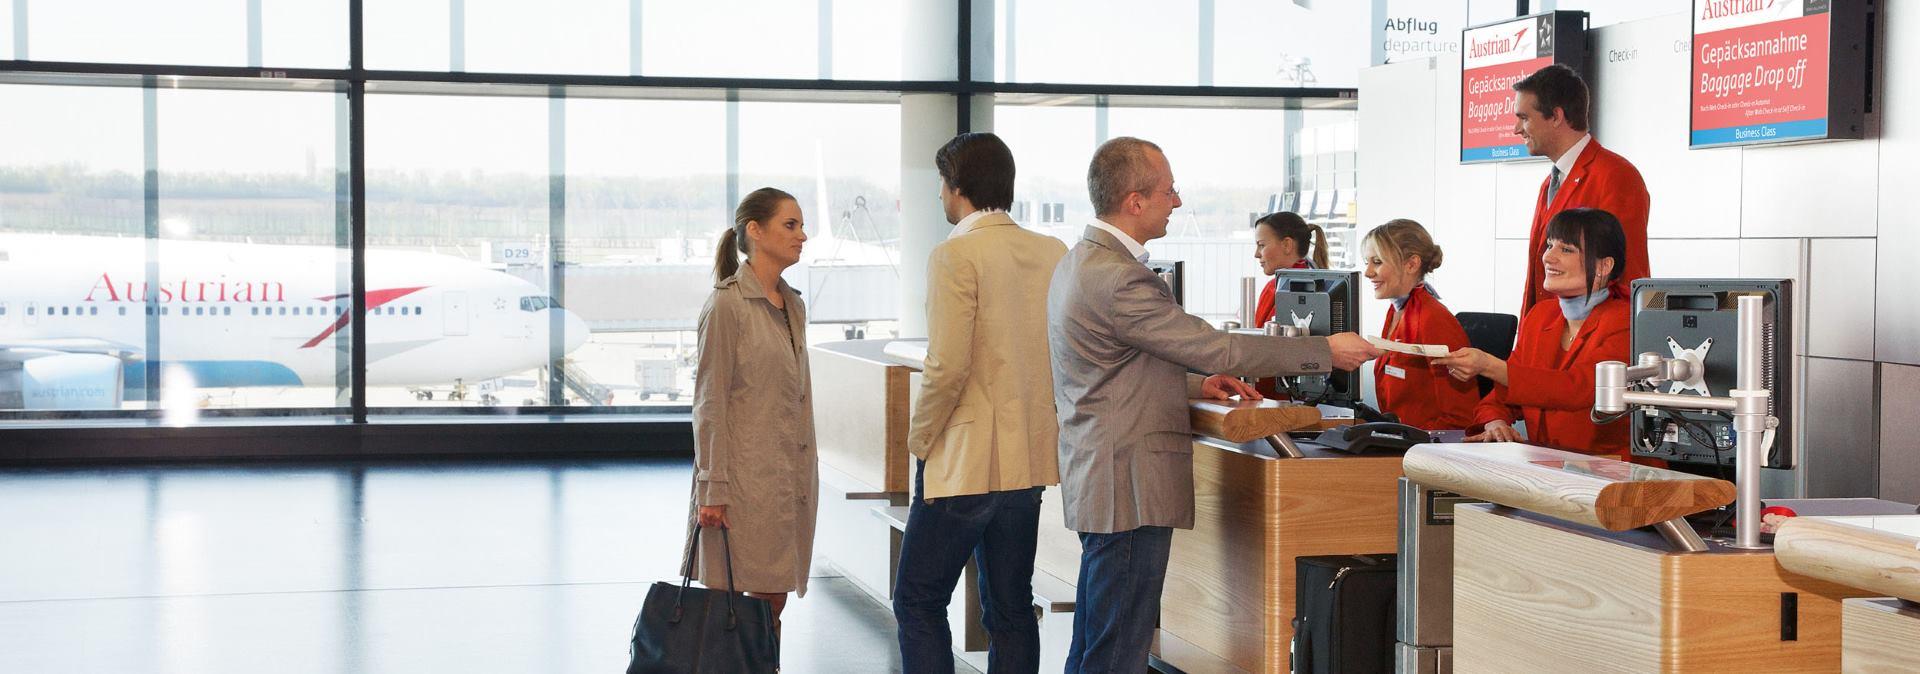 Bečka zračna luka Schwechat zabilježila znatan porast putničkog prometa